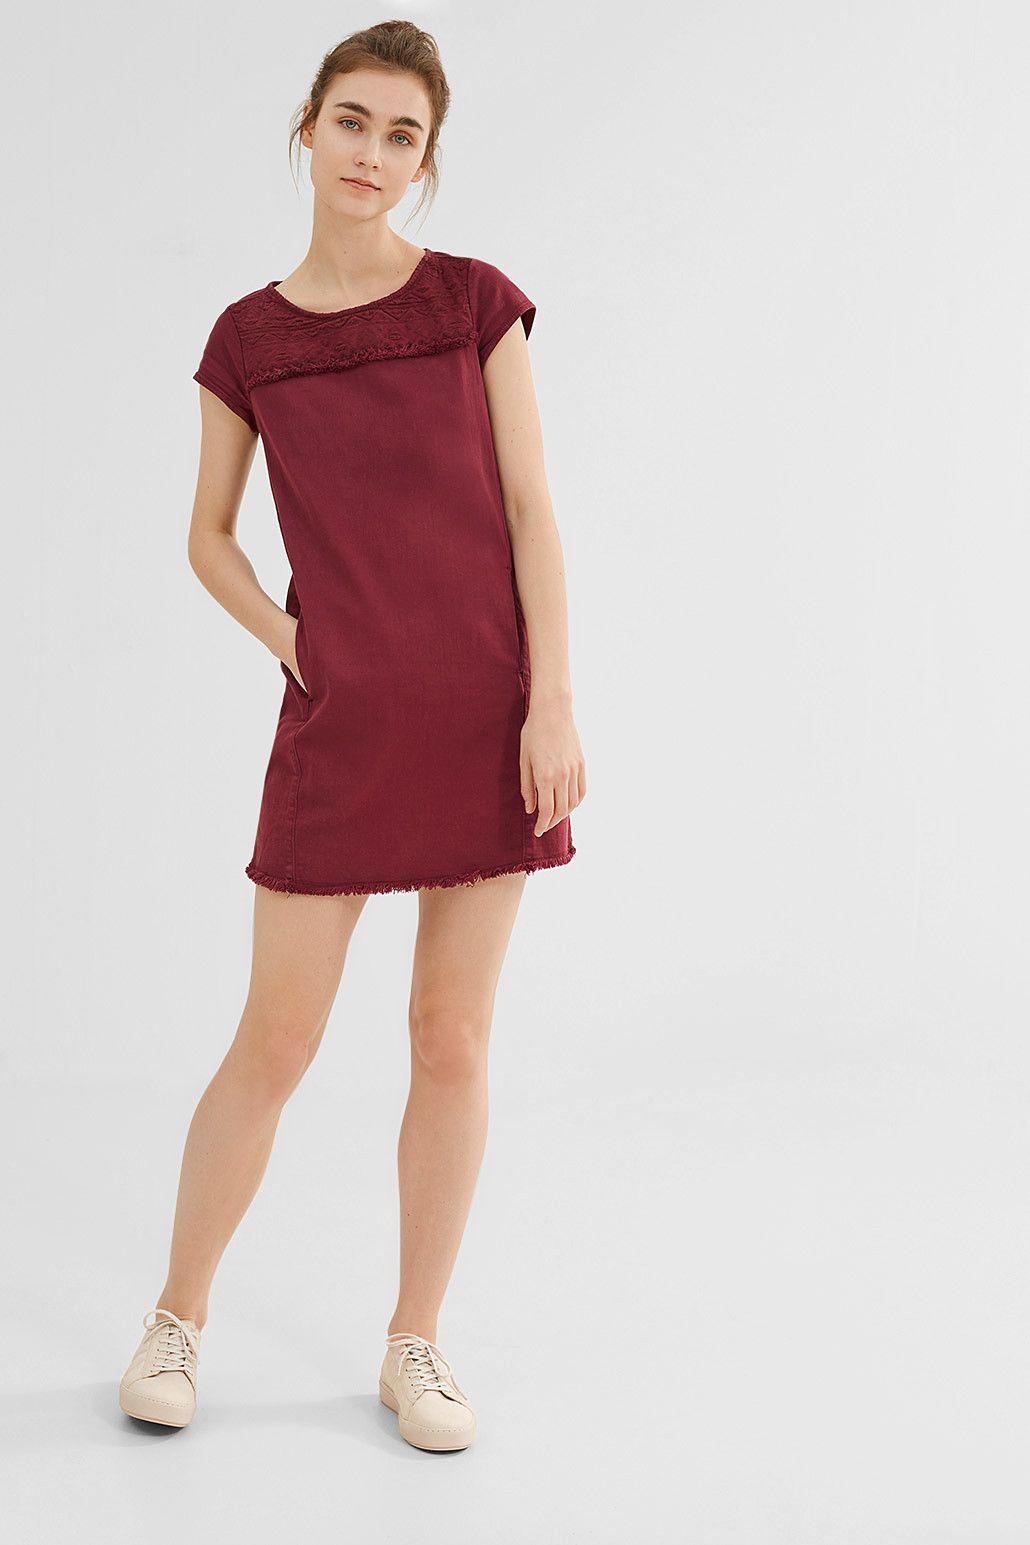 Esprit - Besticktes Kleid aus coloured Denim im Online Shop kaufen